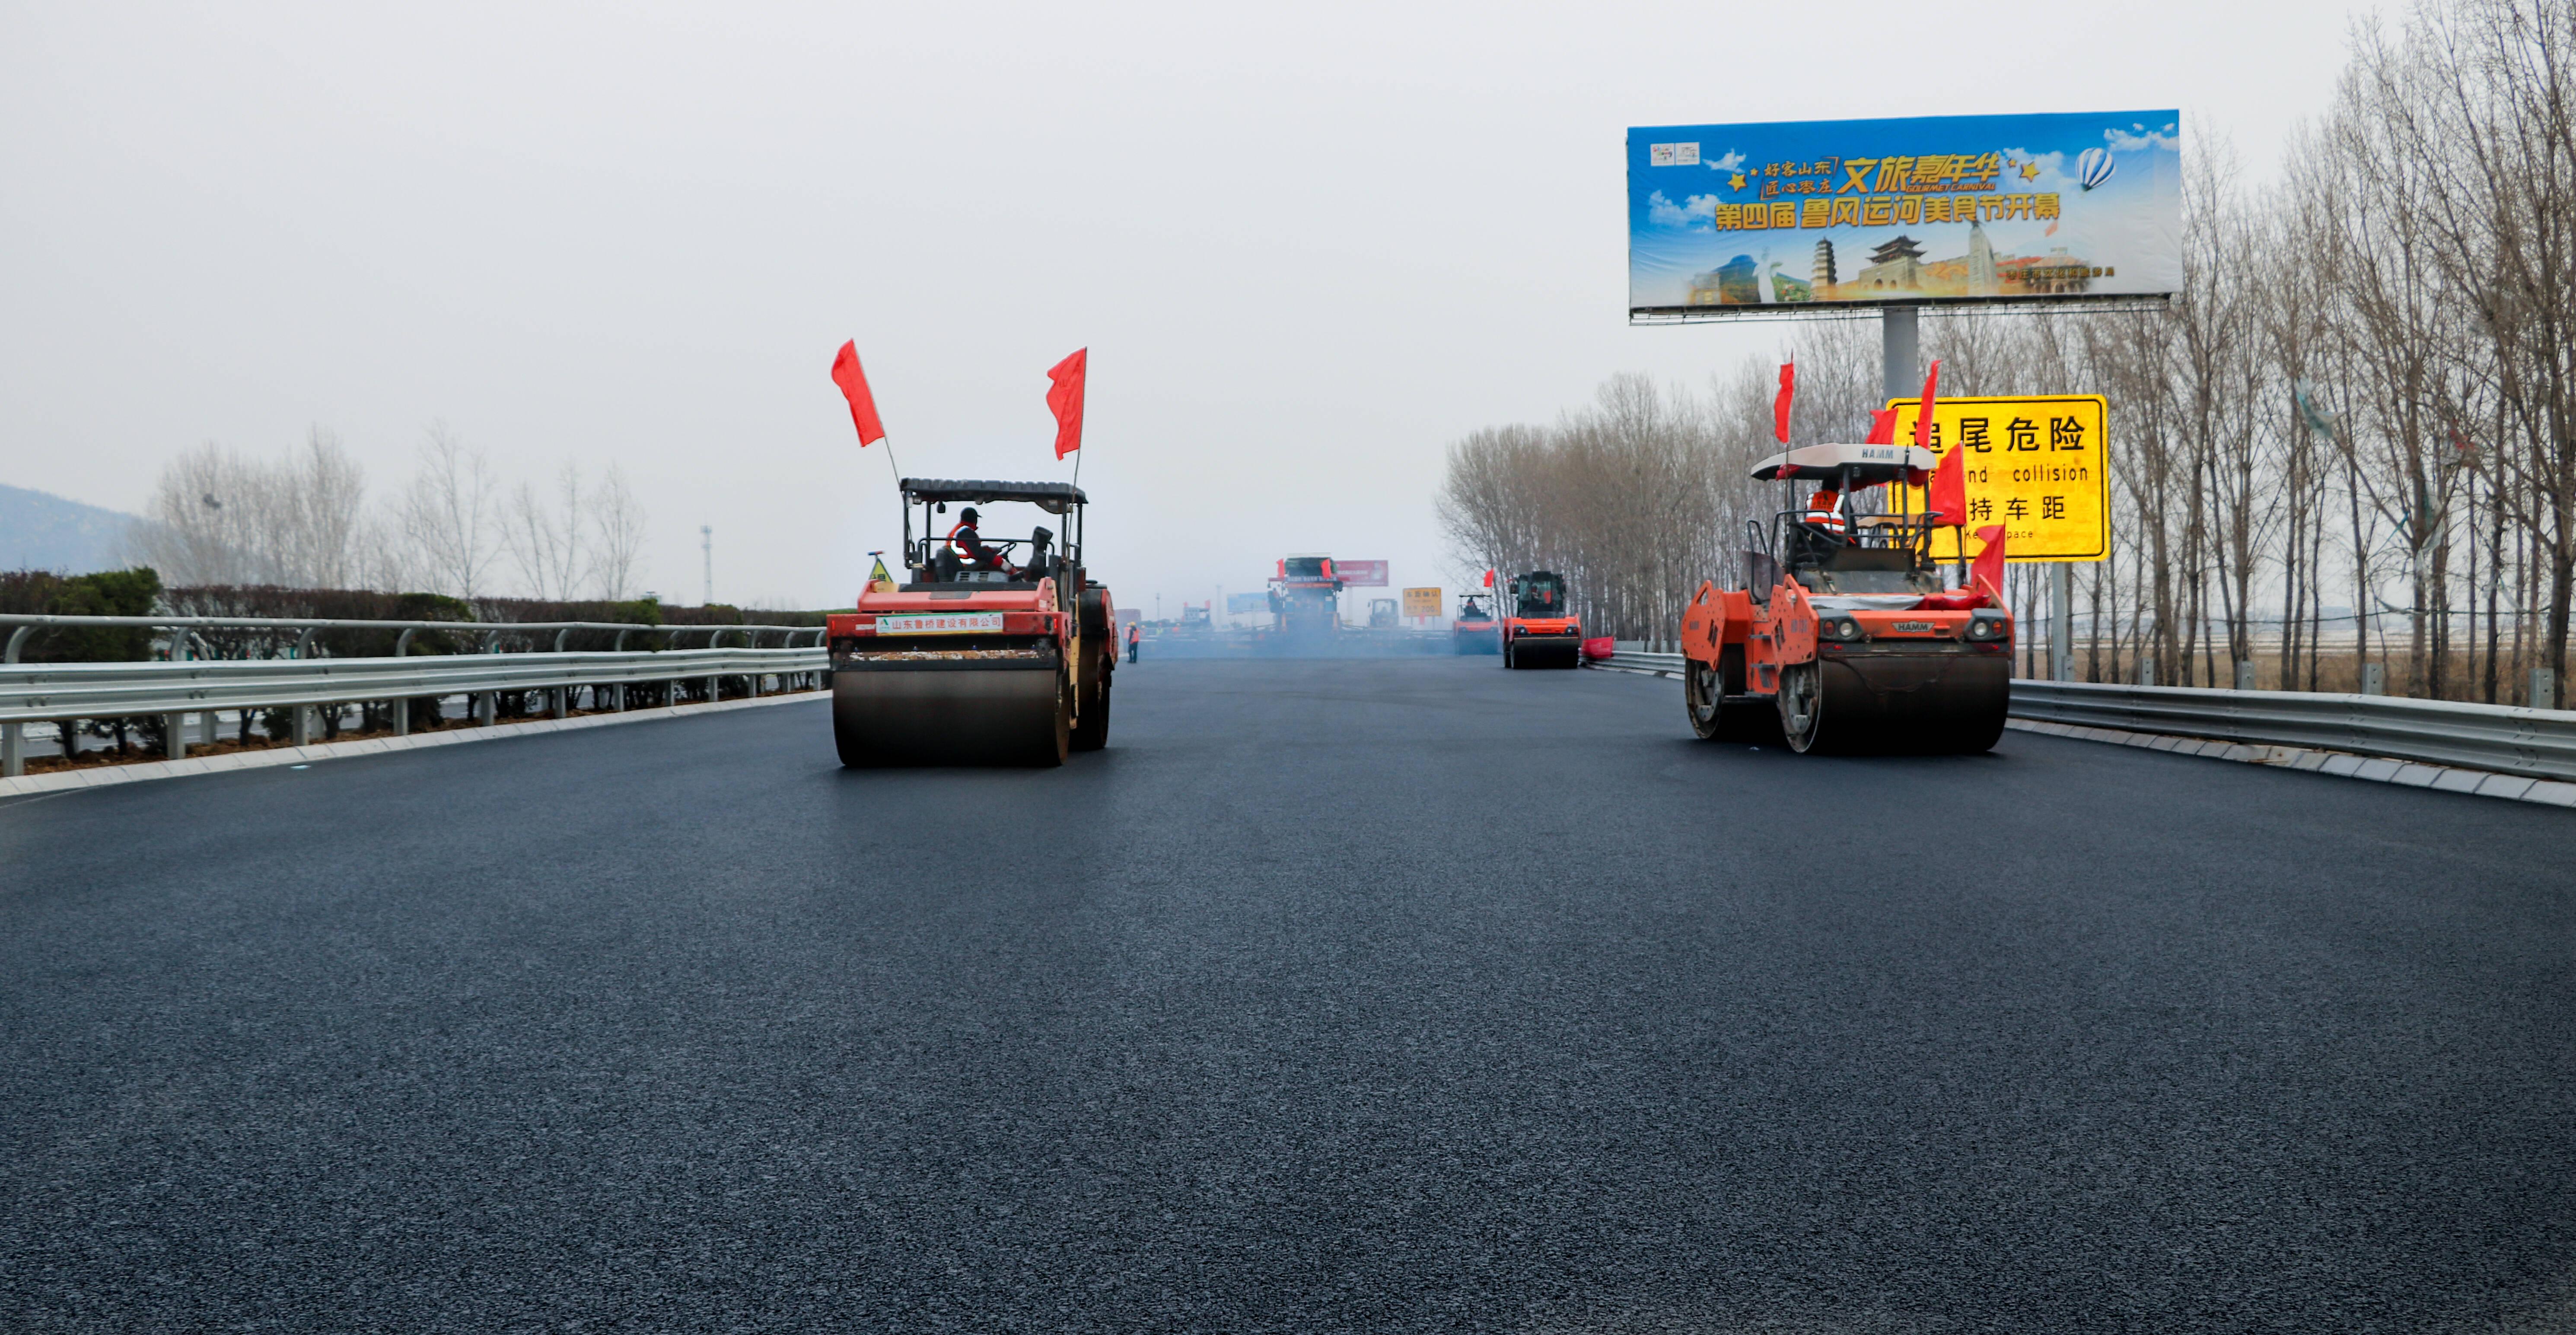 山东第四条双向八车道高速来了!京台高速泰枣段改扩建项目开始沥青摊铺,年内通车